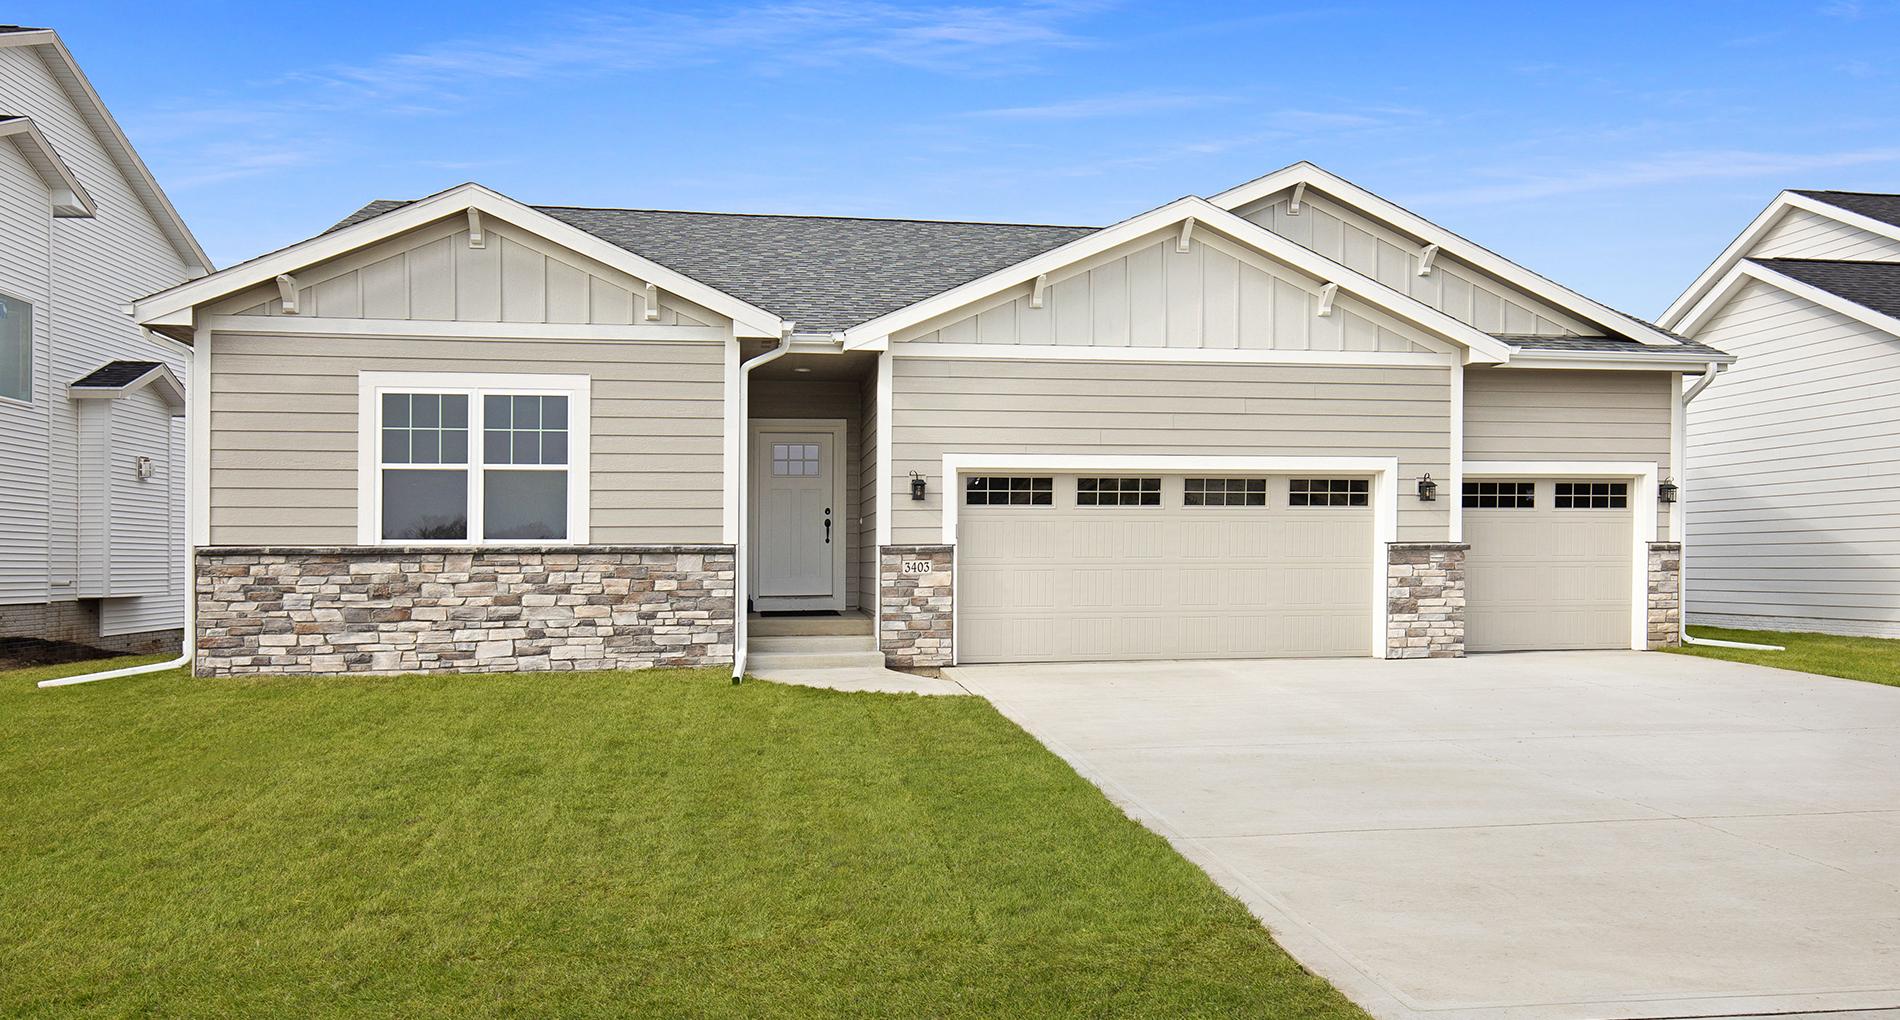 Home Remodeling - Des Moines